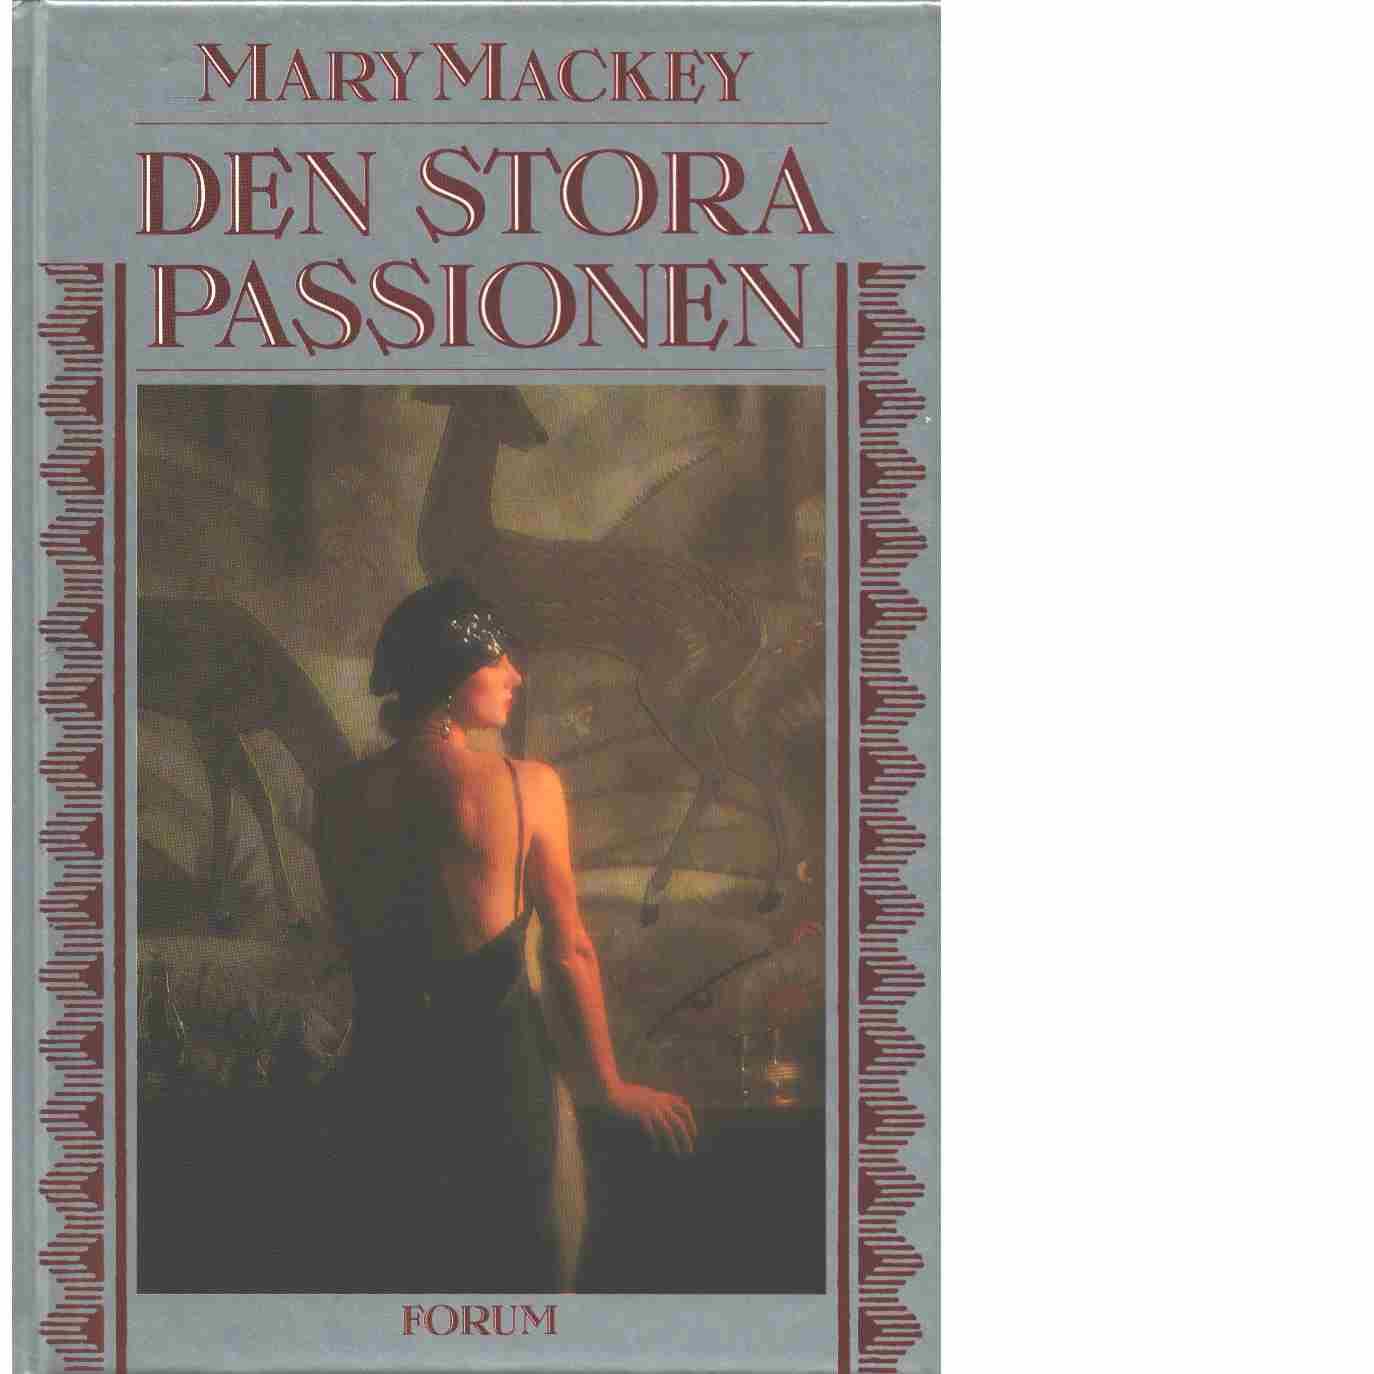 Den stora passionen - Mackey, Mary